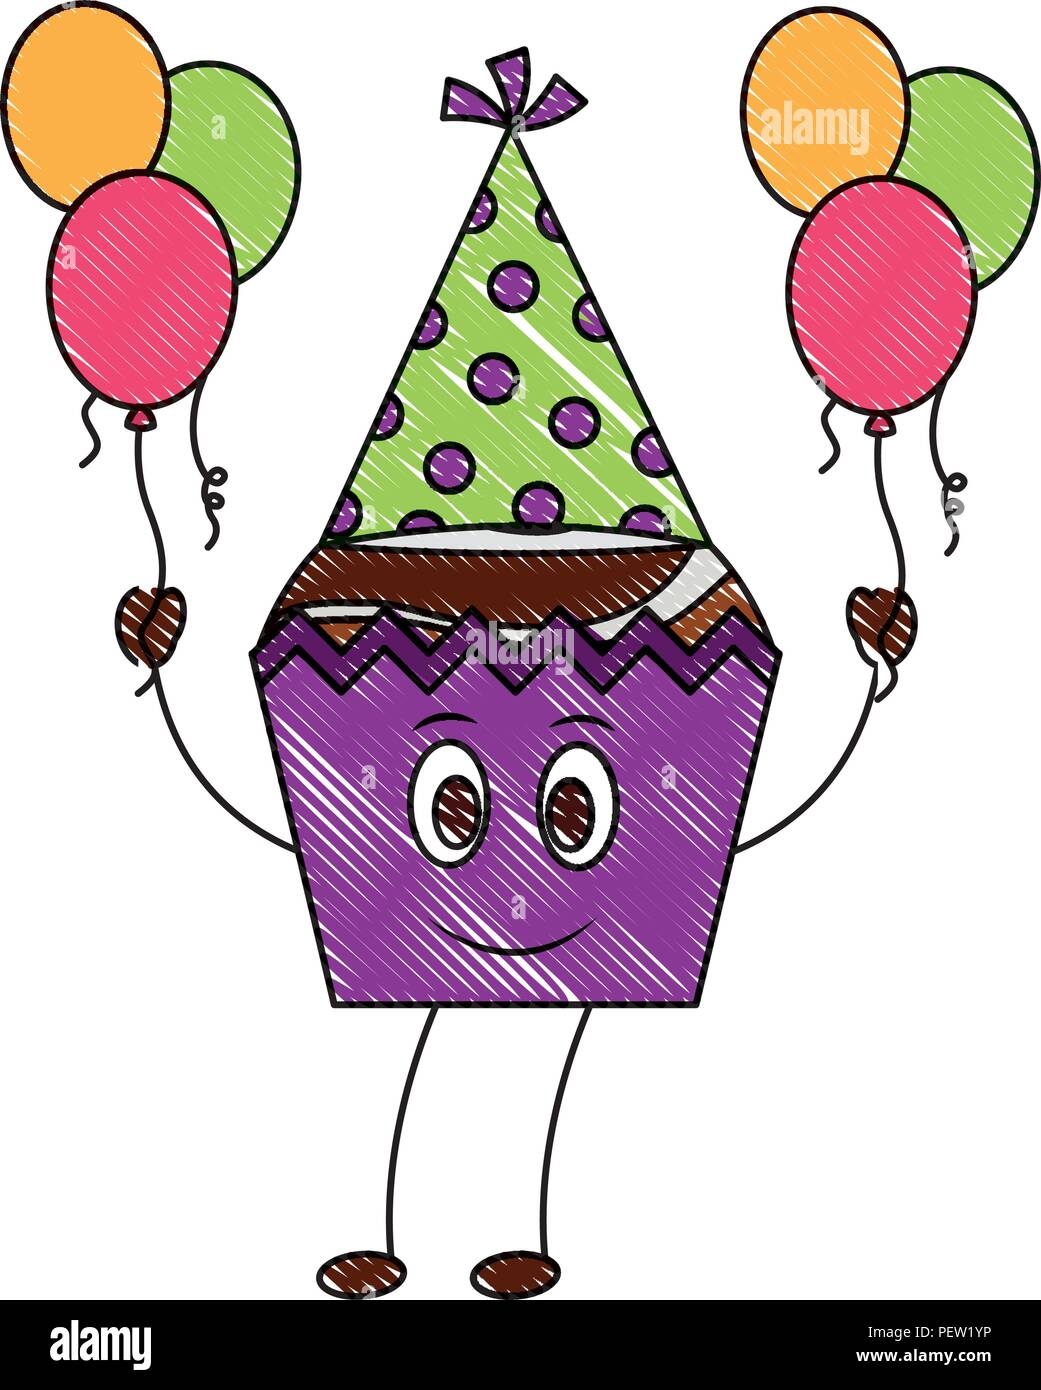 Sweet cupcake con sombrero parte y globos de helio personaje kawaii Imagen  De Stock 3cc10bc9f1a